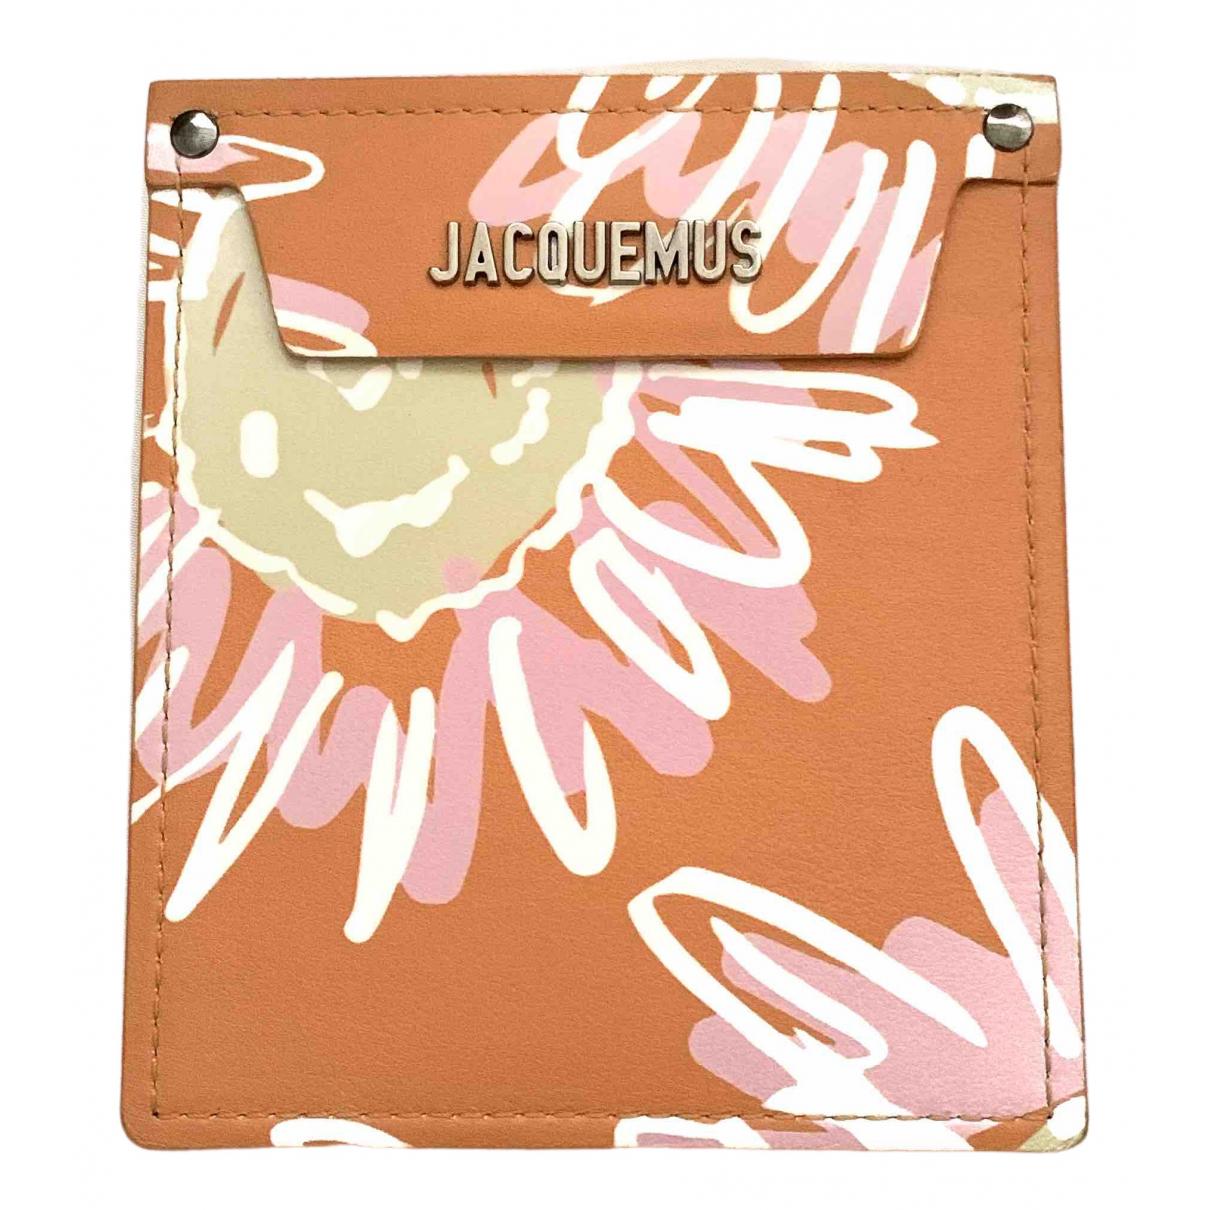 Marroquineria de Cuero Jacquemus